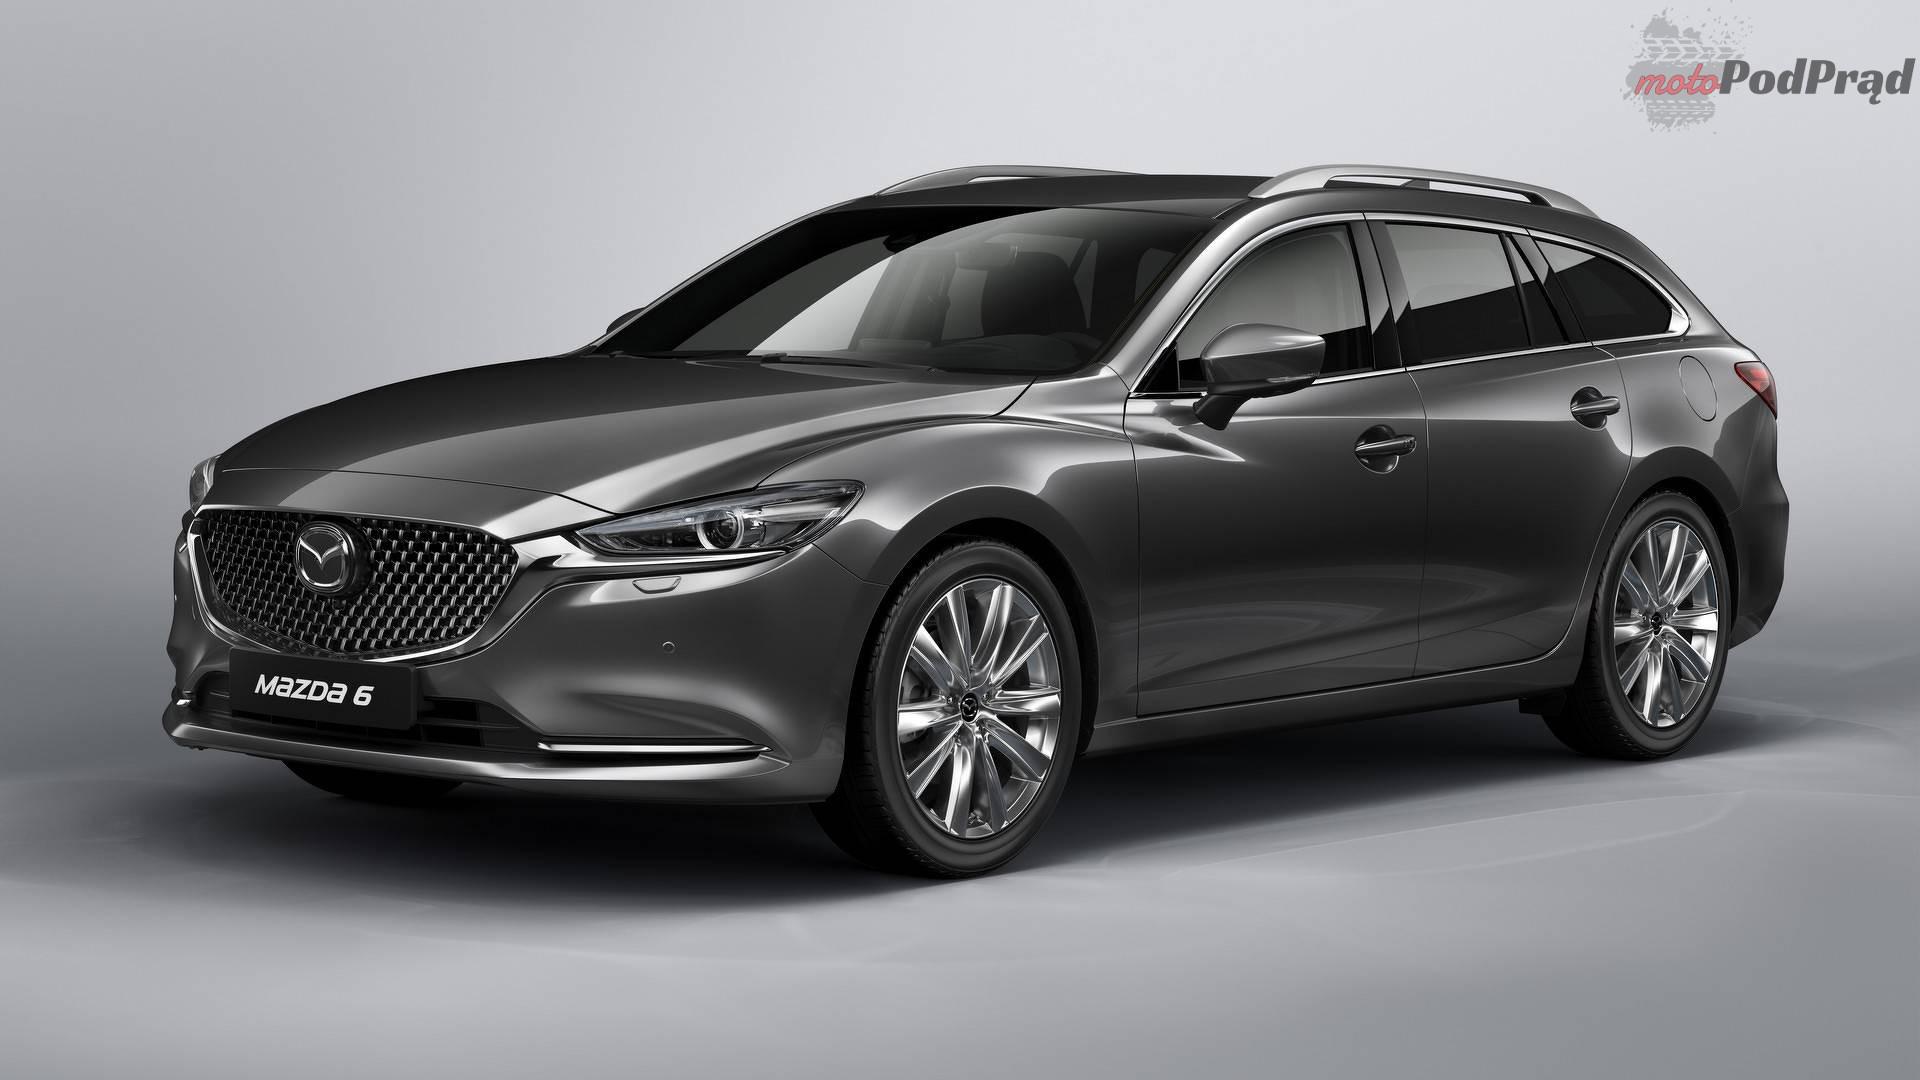 2018 mazda6 wagon euro spec Nowości, teasery i zapowiedzi: Mazda, Hyundai